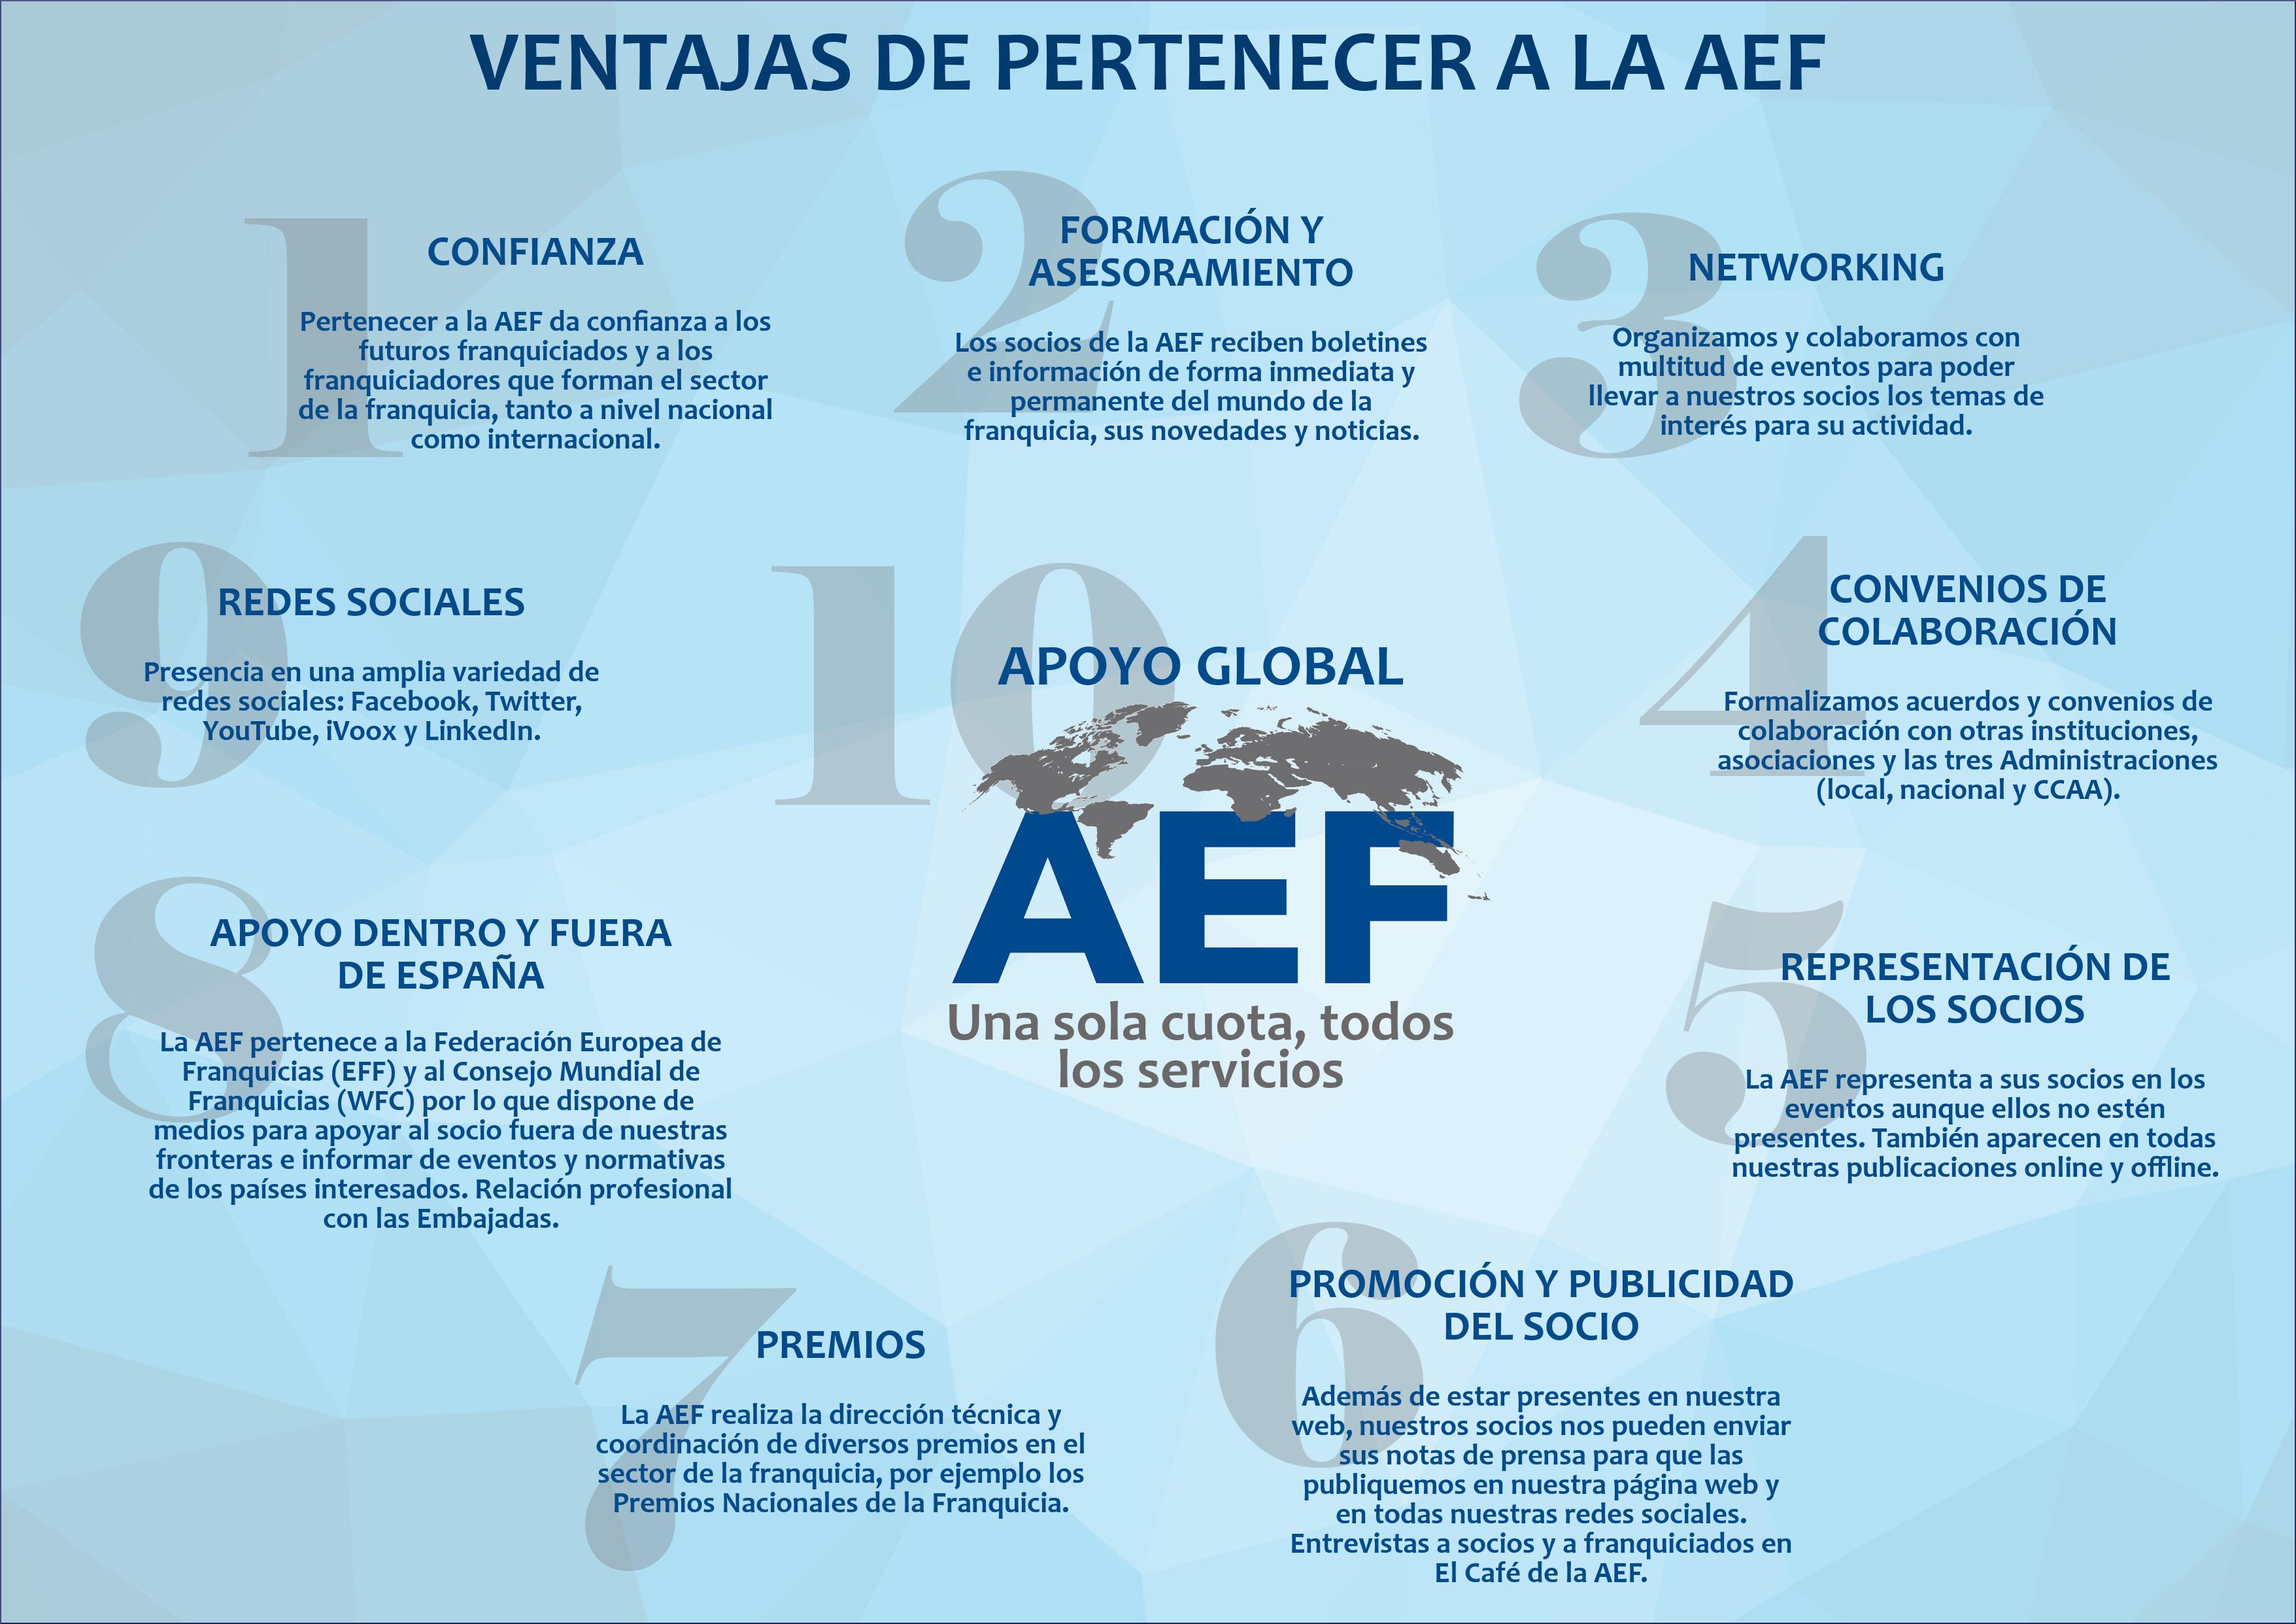 Ventajas de pertenecer a la AEF final